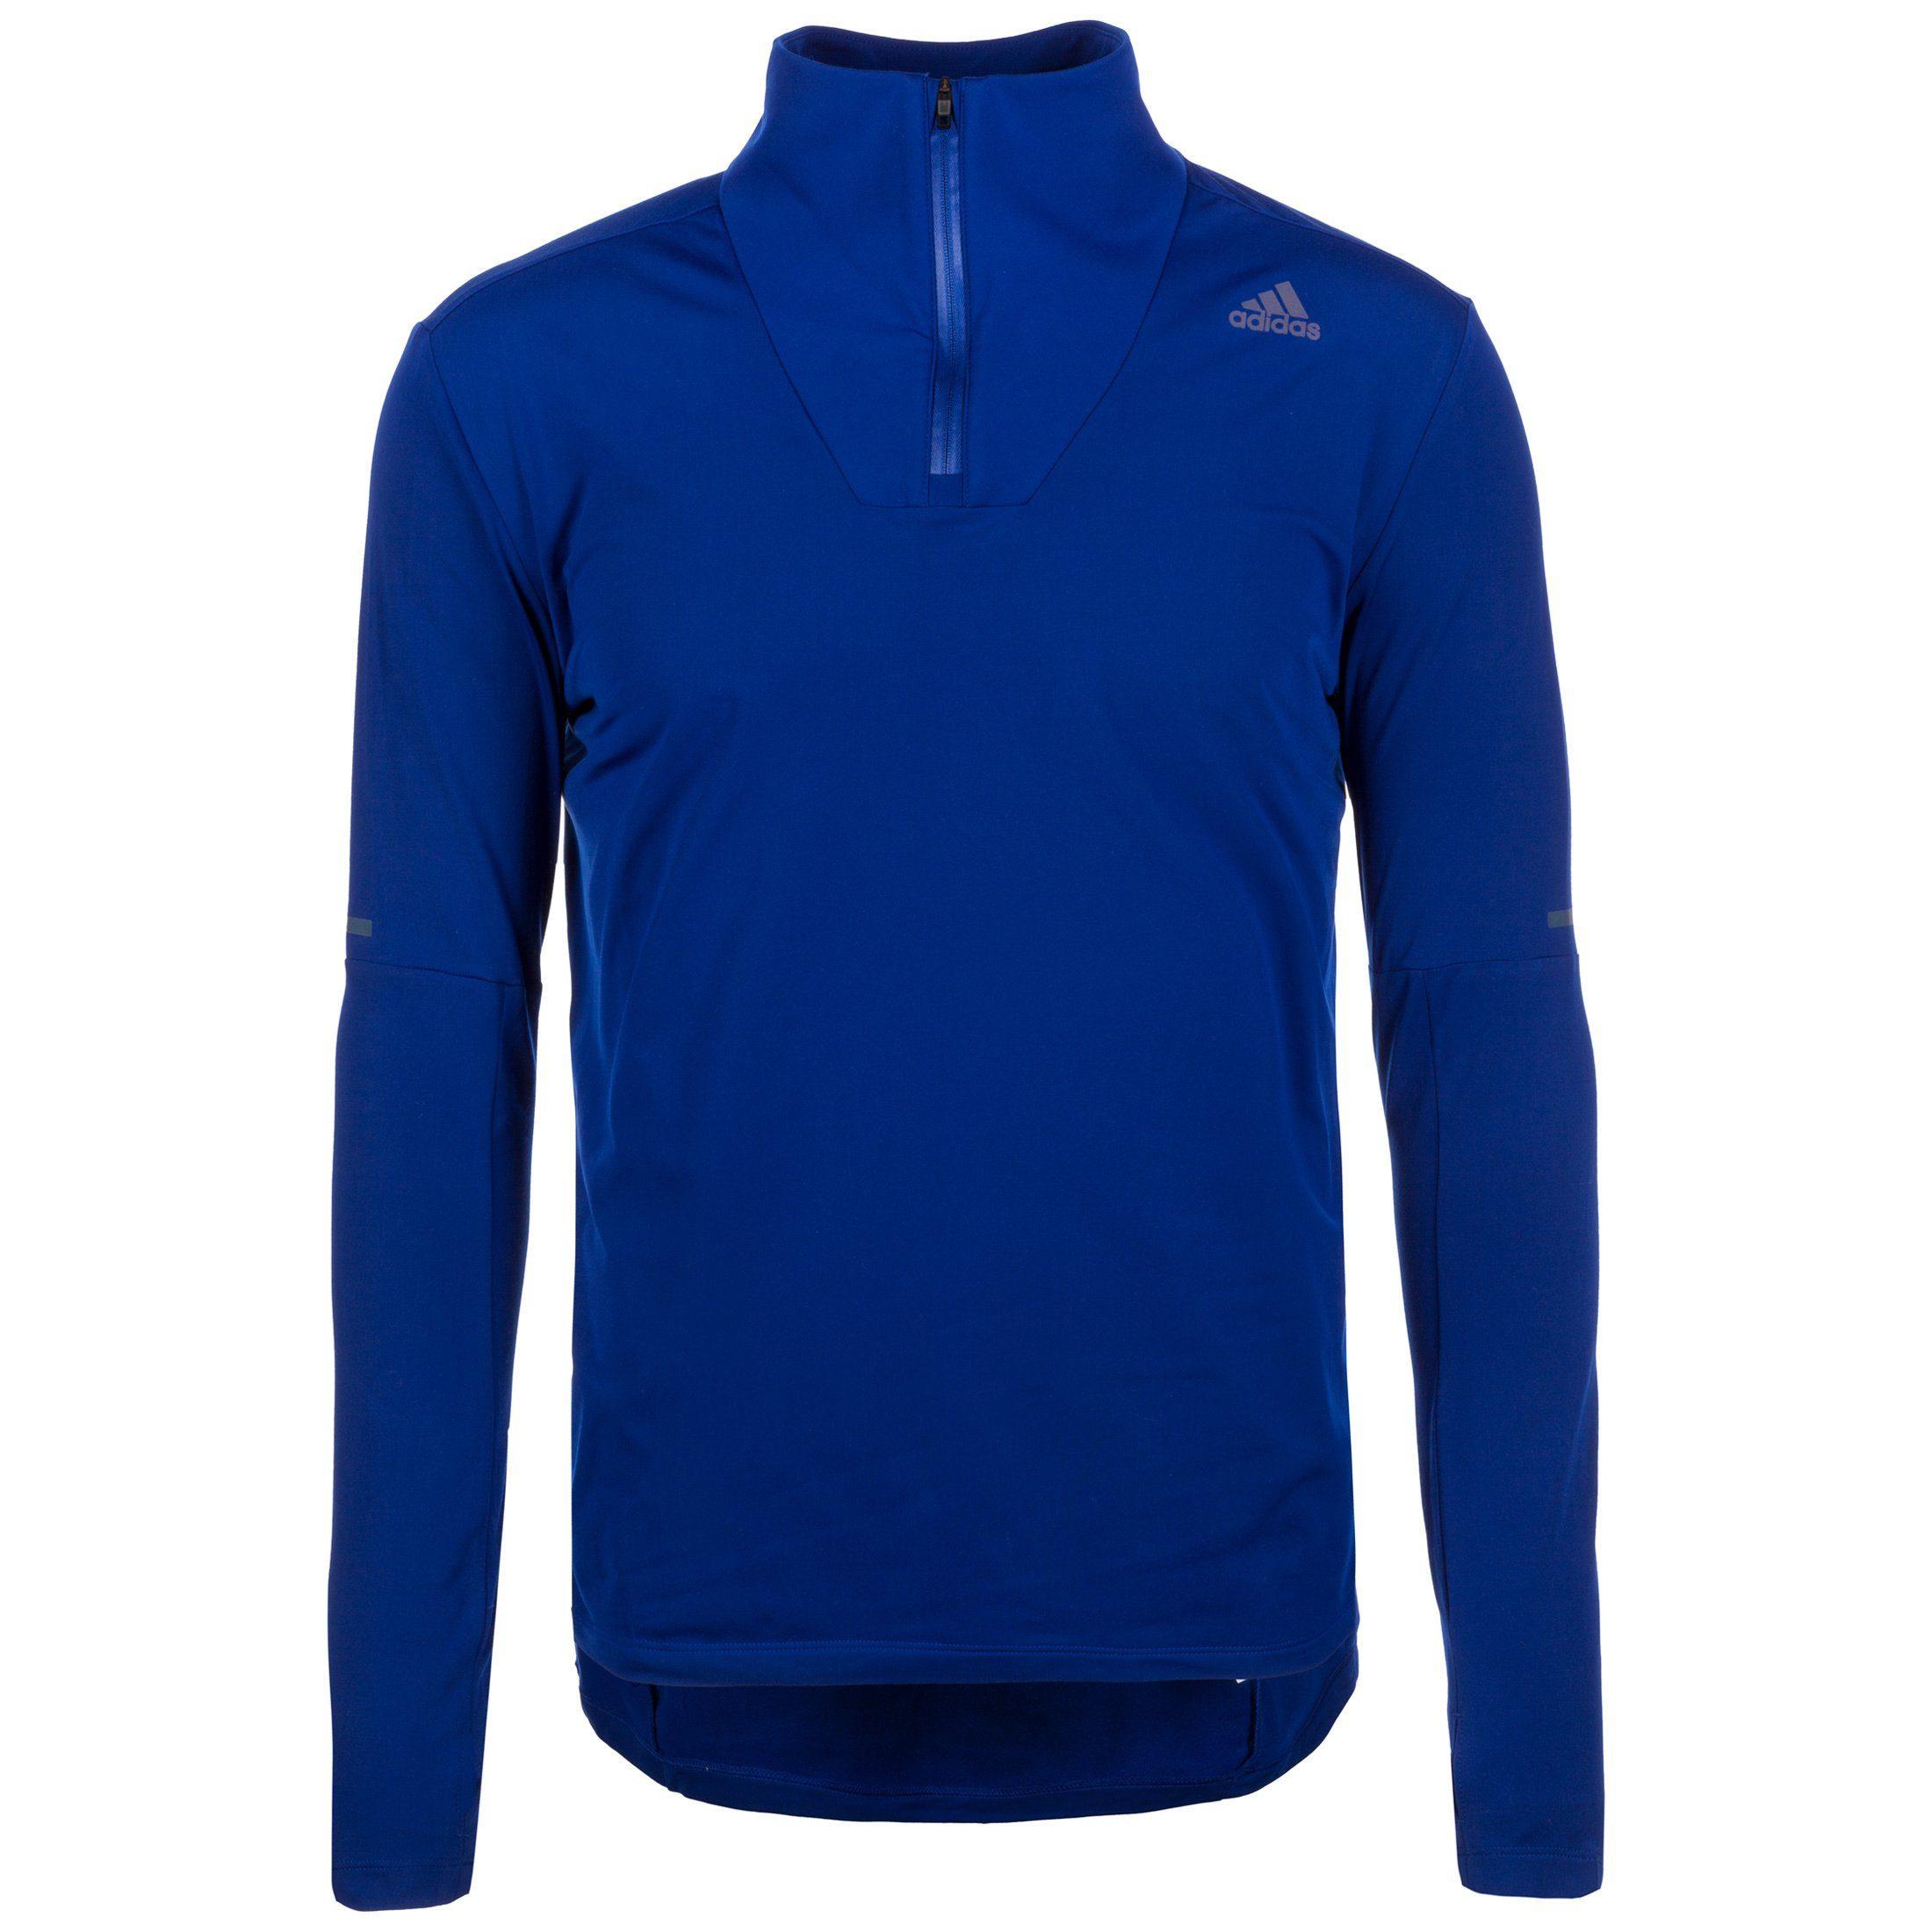 adidas Performance Laufshirt Supernova 1/2 Zip | Sportbekleidung > Sportshirts | Blau | Ab | Adidas Performance